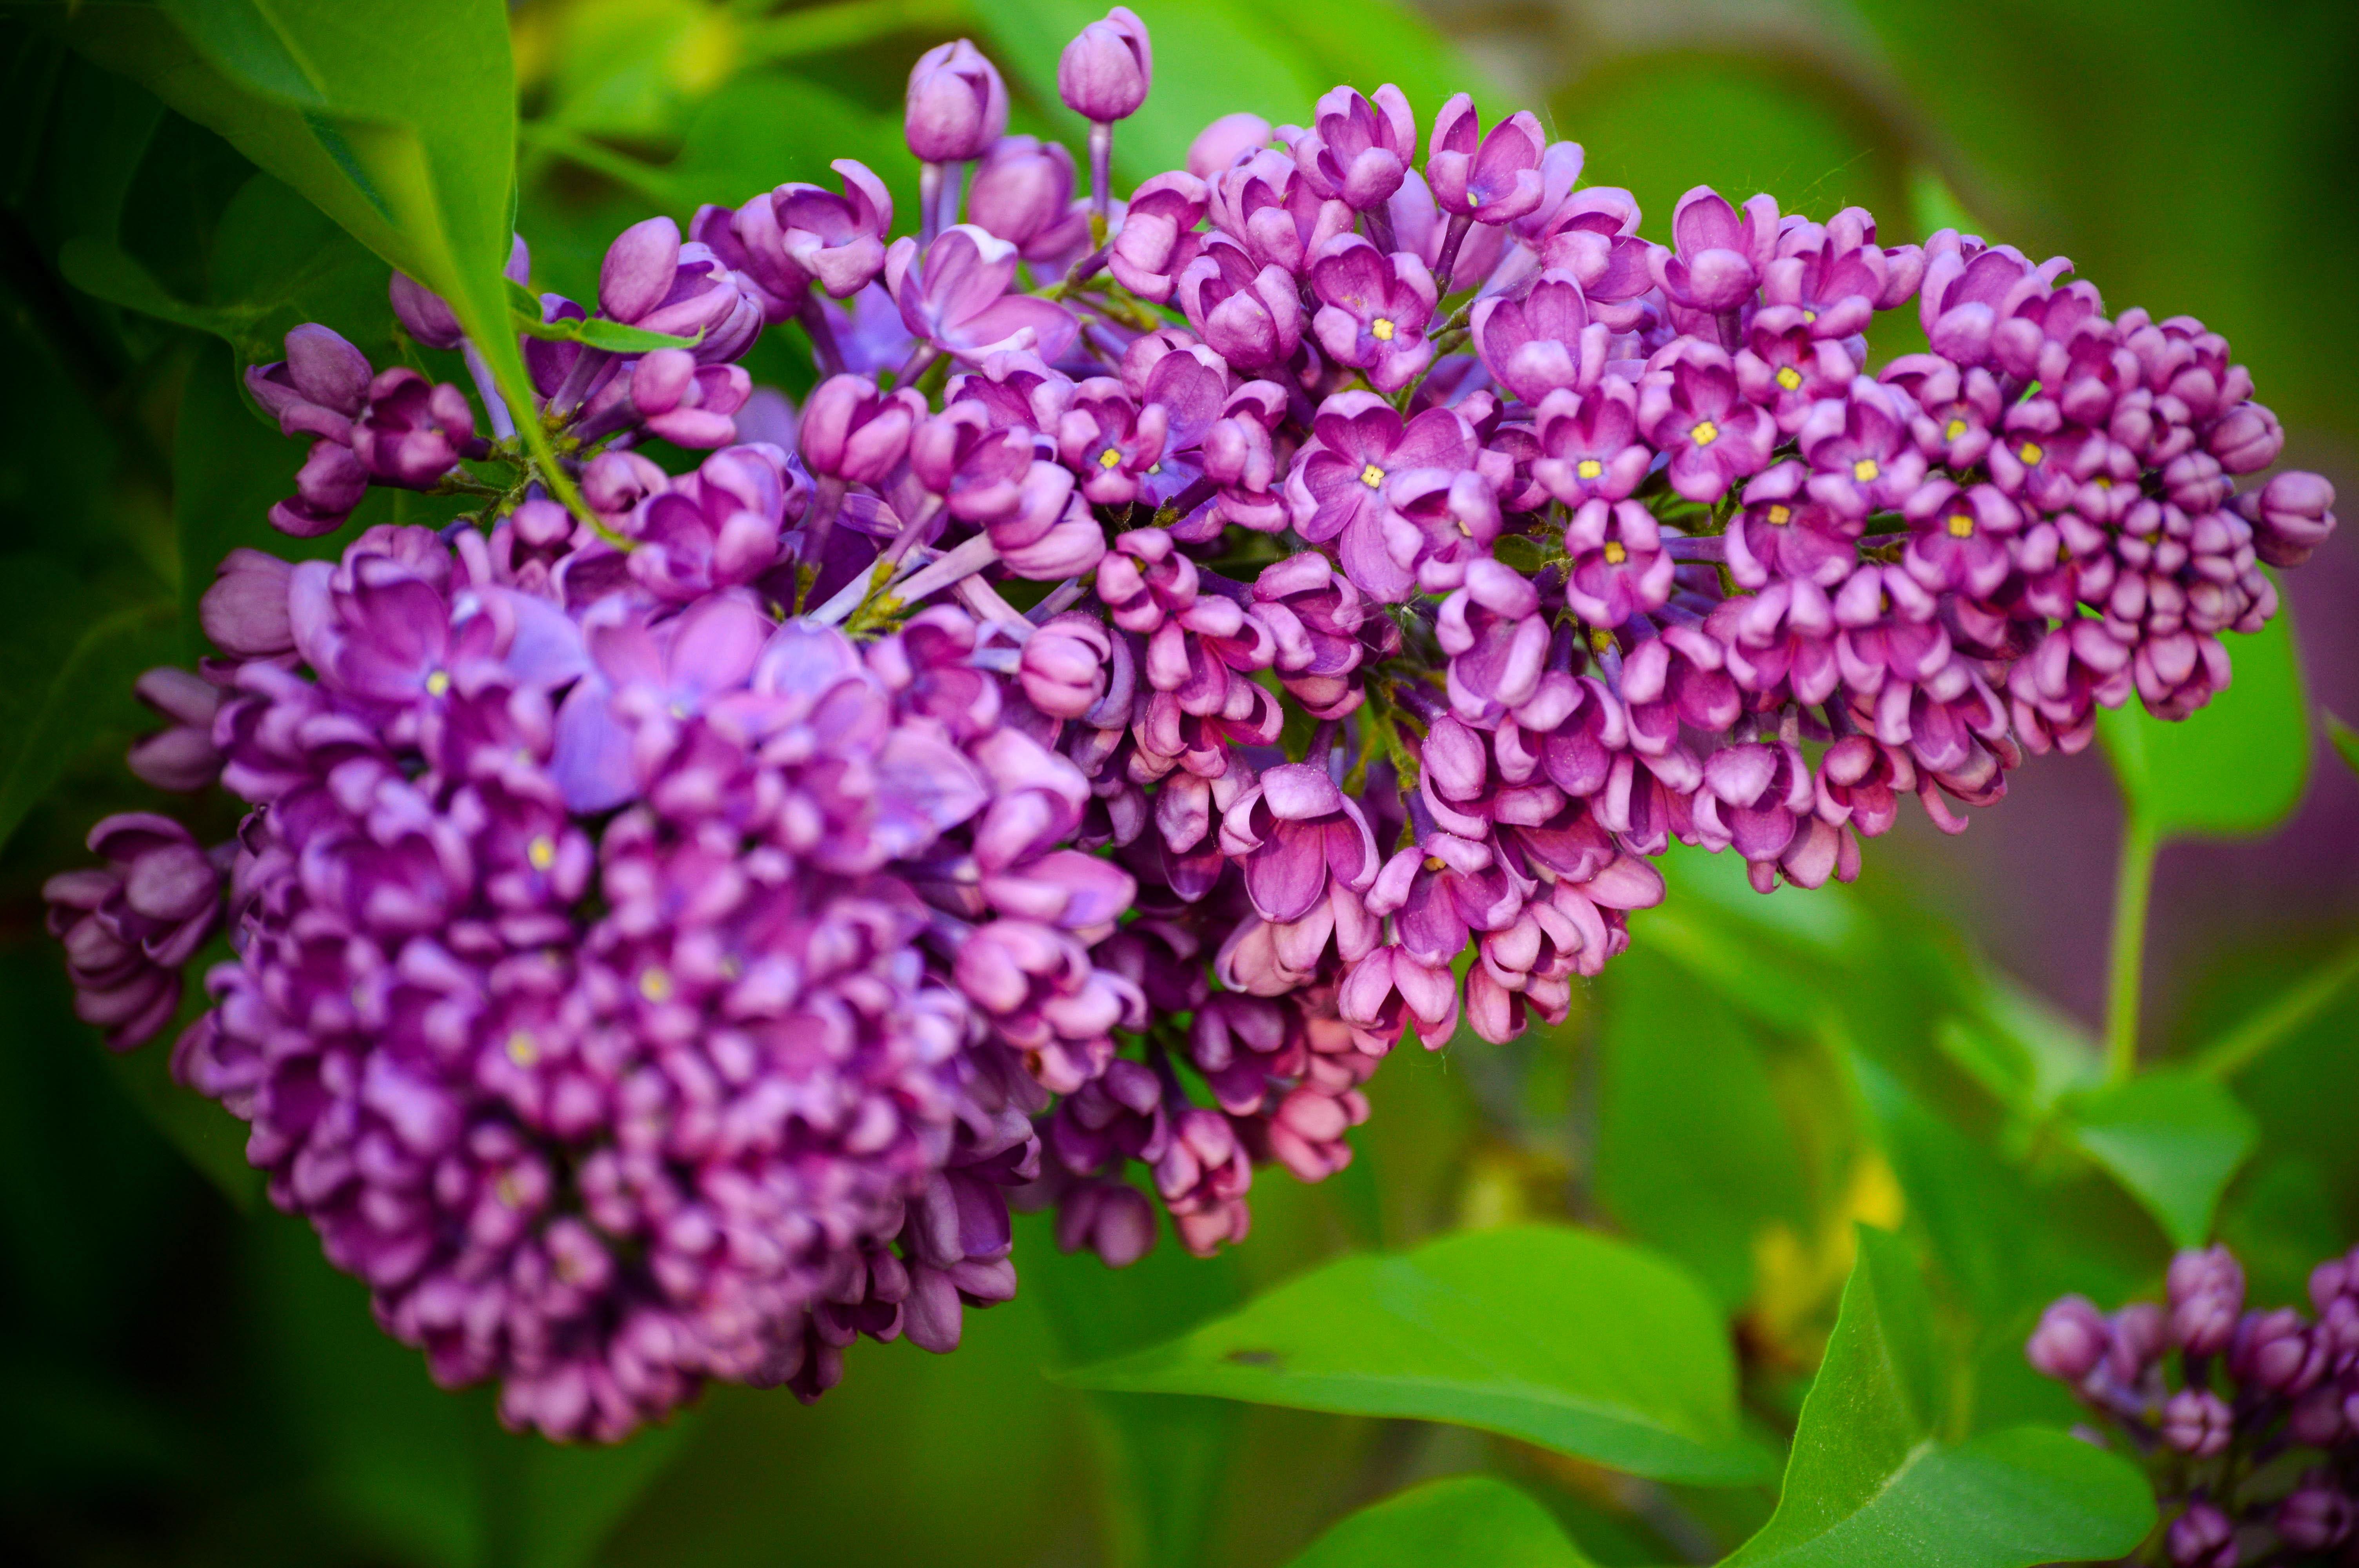 фотографии цветы сирень услугам гостей